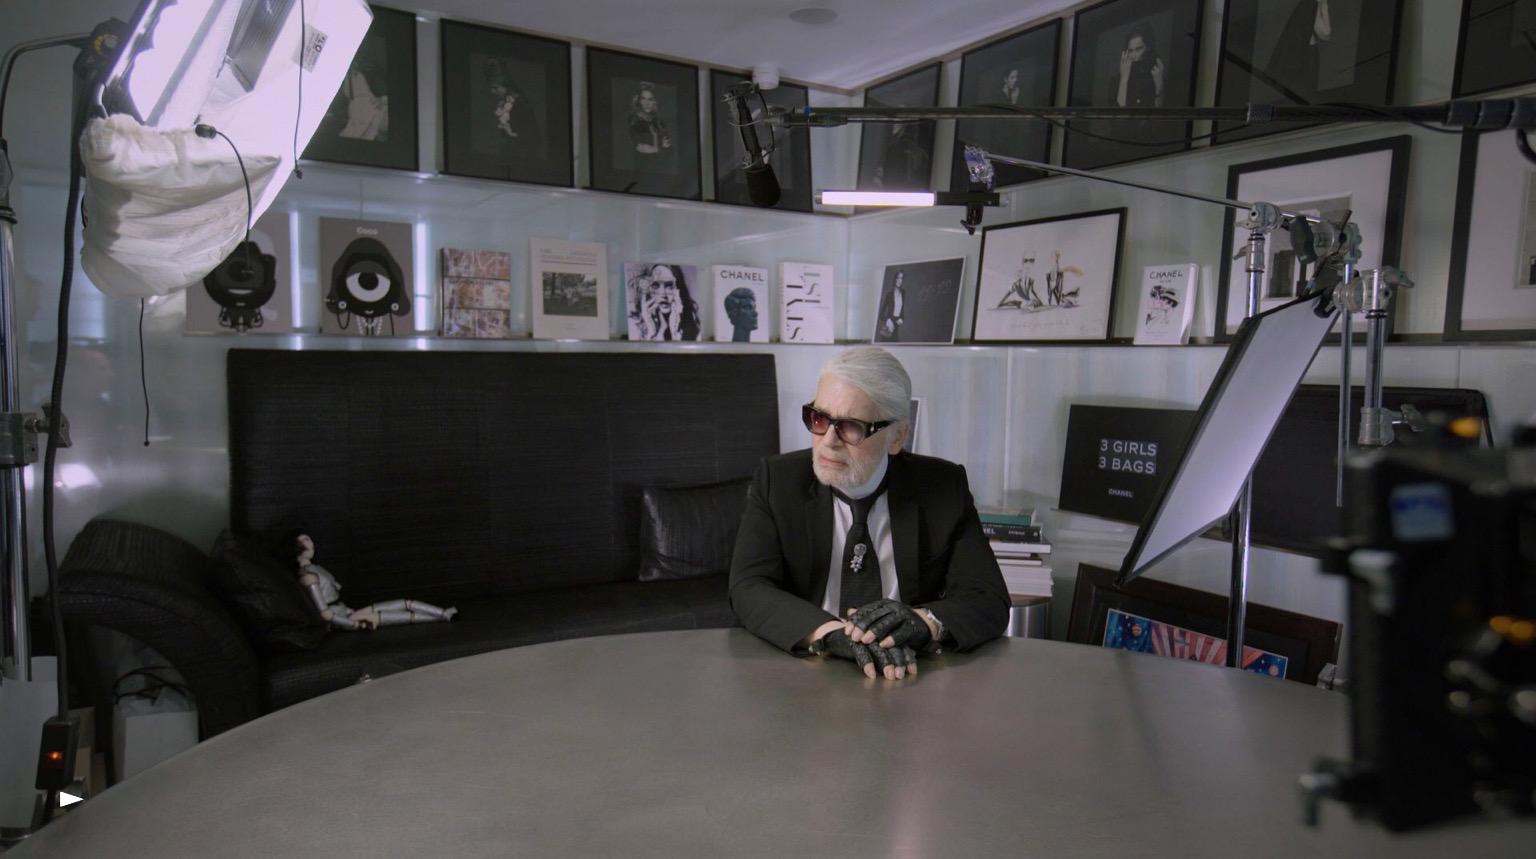 CHANEL Karl Lagerfeld sur Netflix 7 days out Esprit de Gabrielle espritdegabrielle.com